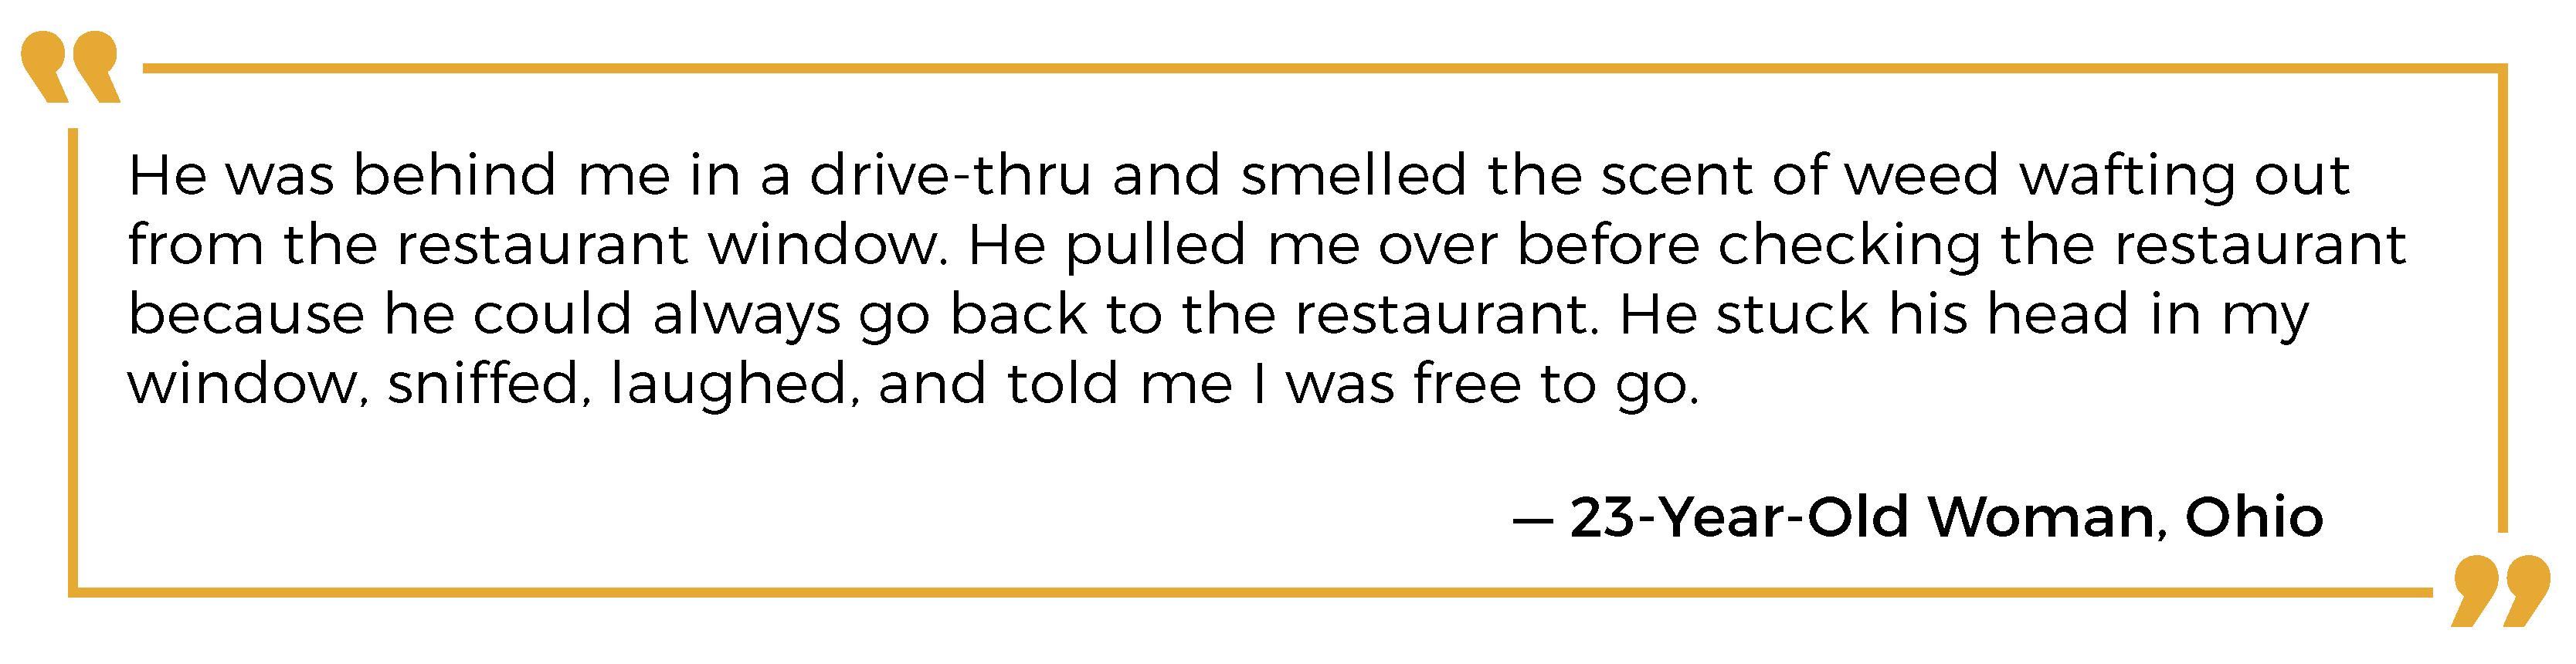 quote-female-23-ohio